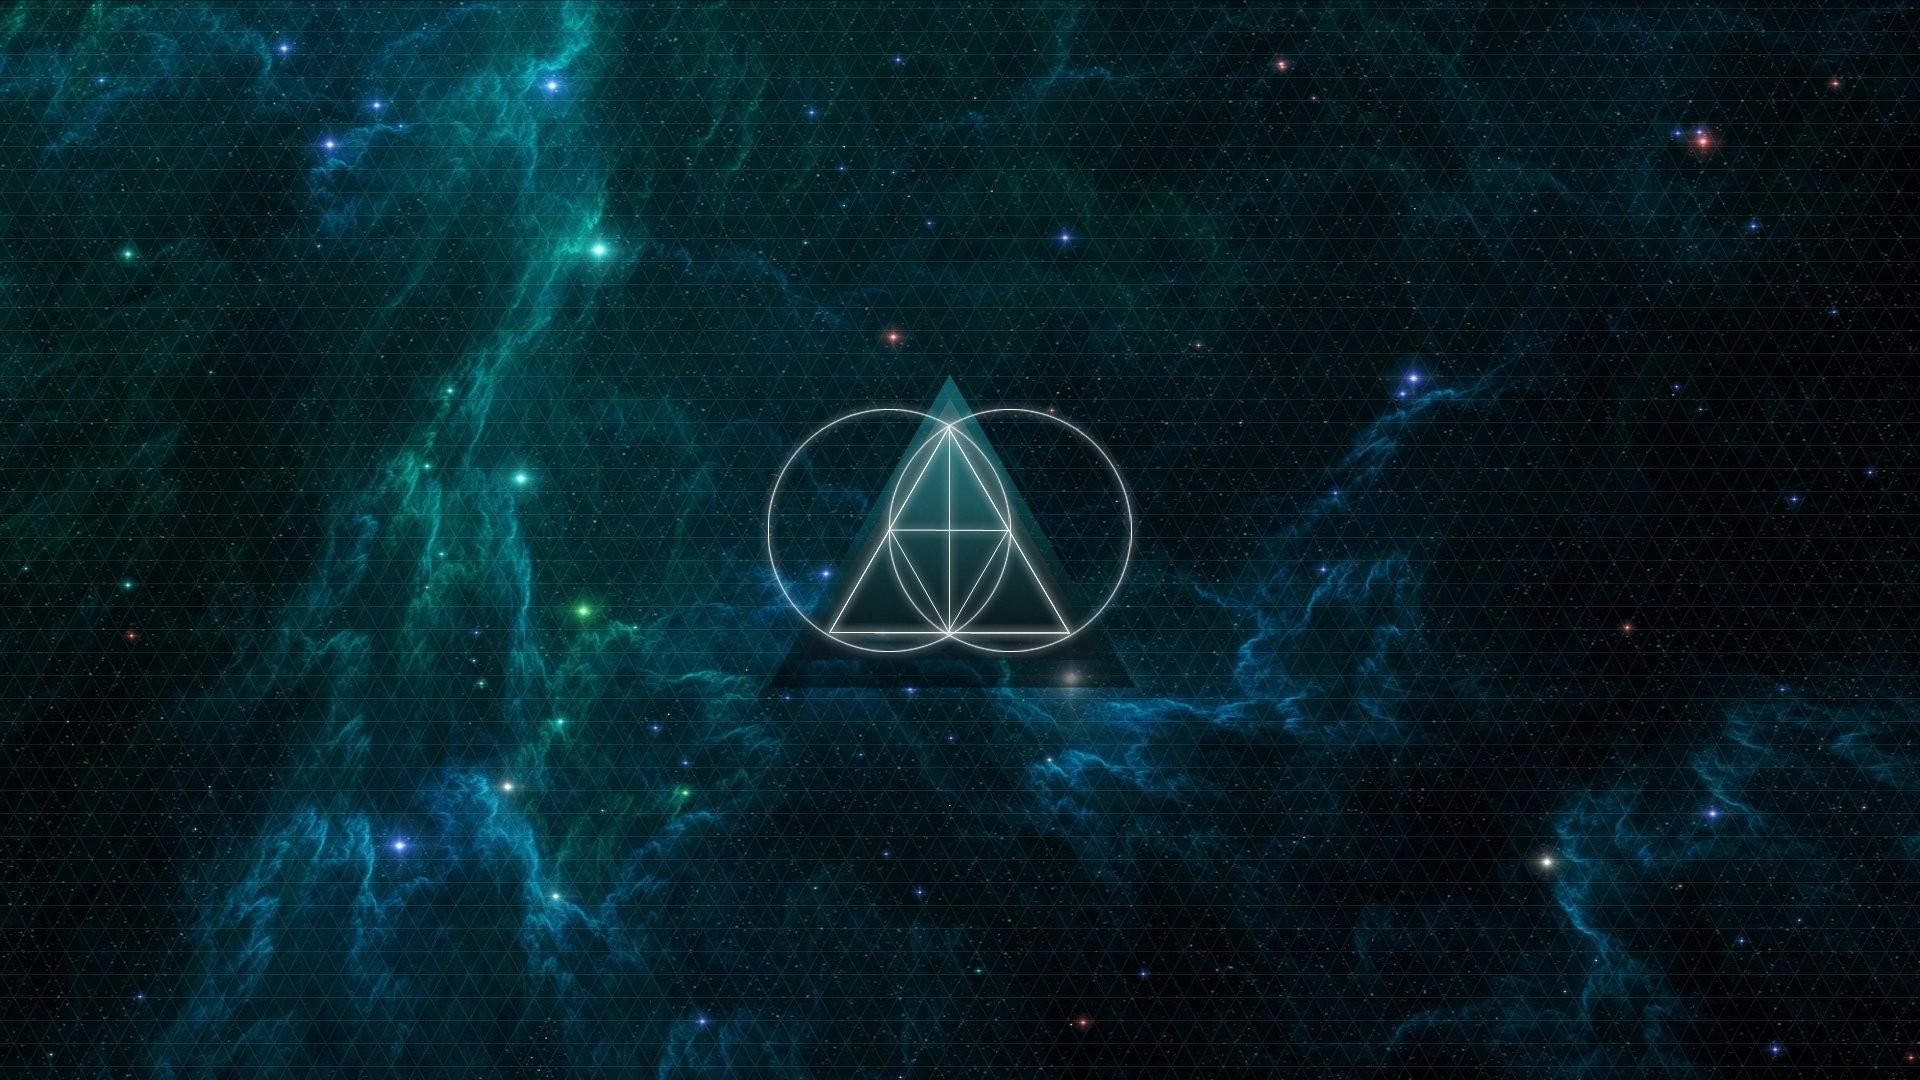 Wallpaper : anime, galaxy, minimalism, triangle, nebula ...